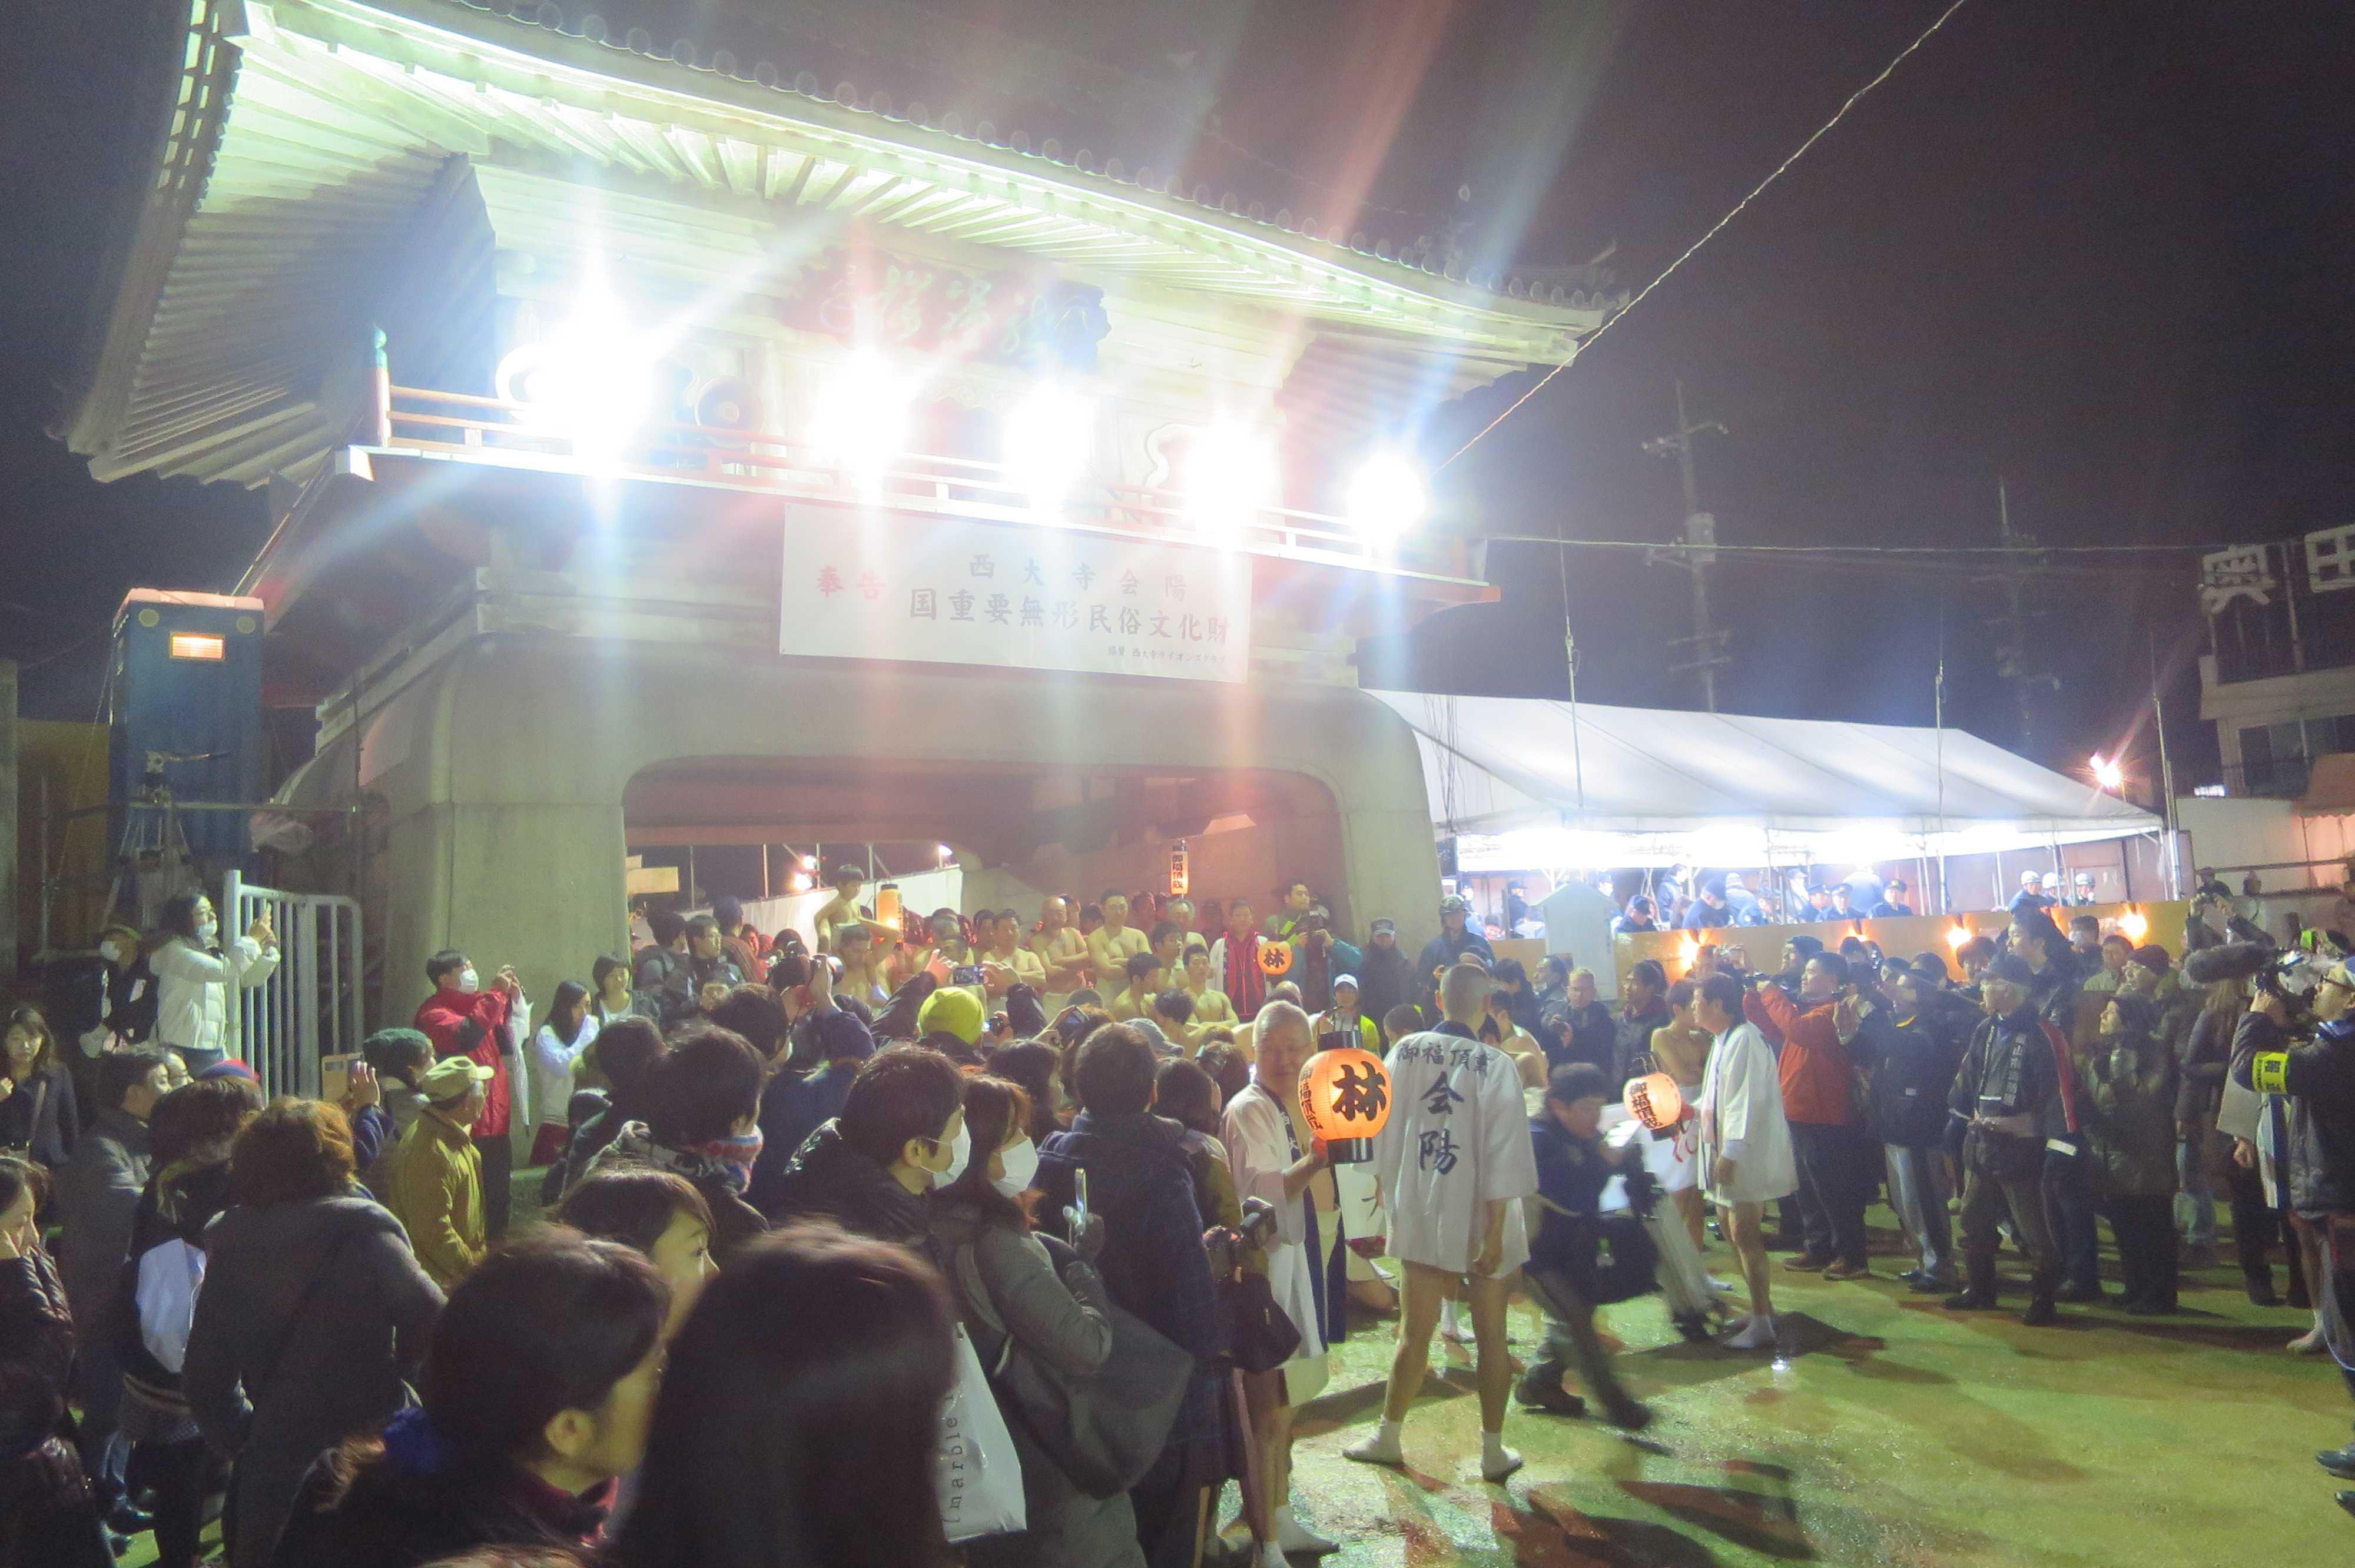 西大寺会陽 - 門をくぐって本堂に向かう林グループ